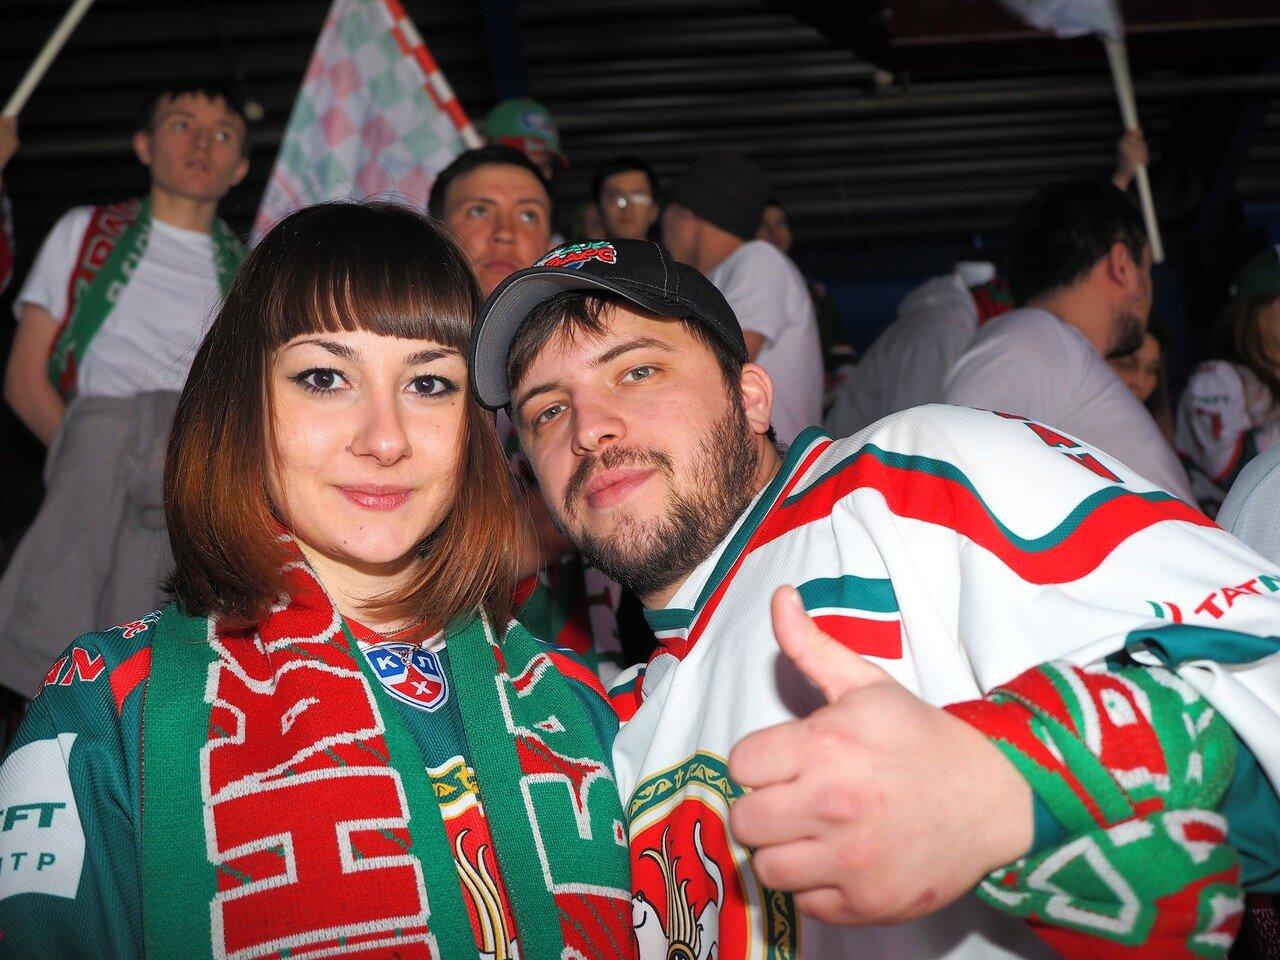 68 Первая игра финала плей-офф восточной конференции 2017 Металлург - АкБарс 24.03.2017